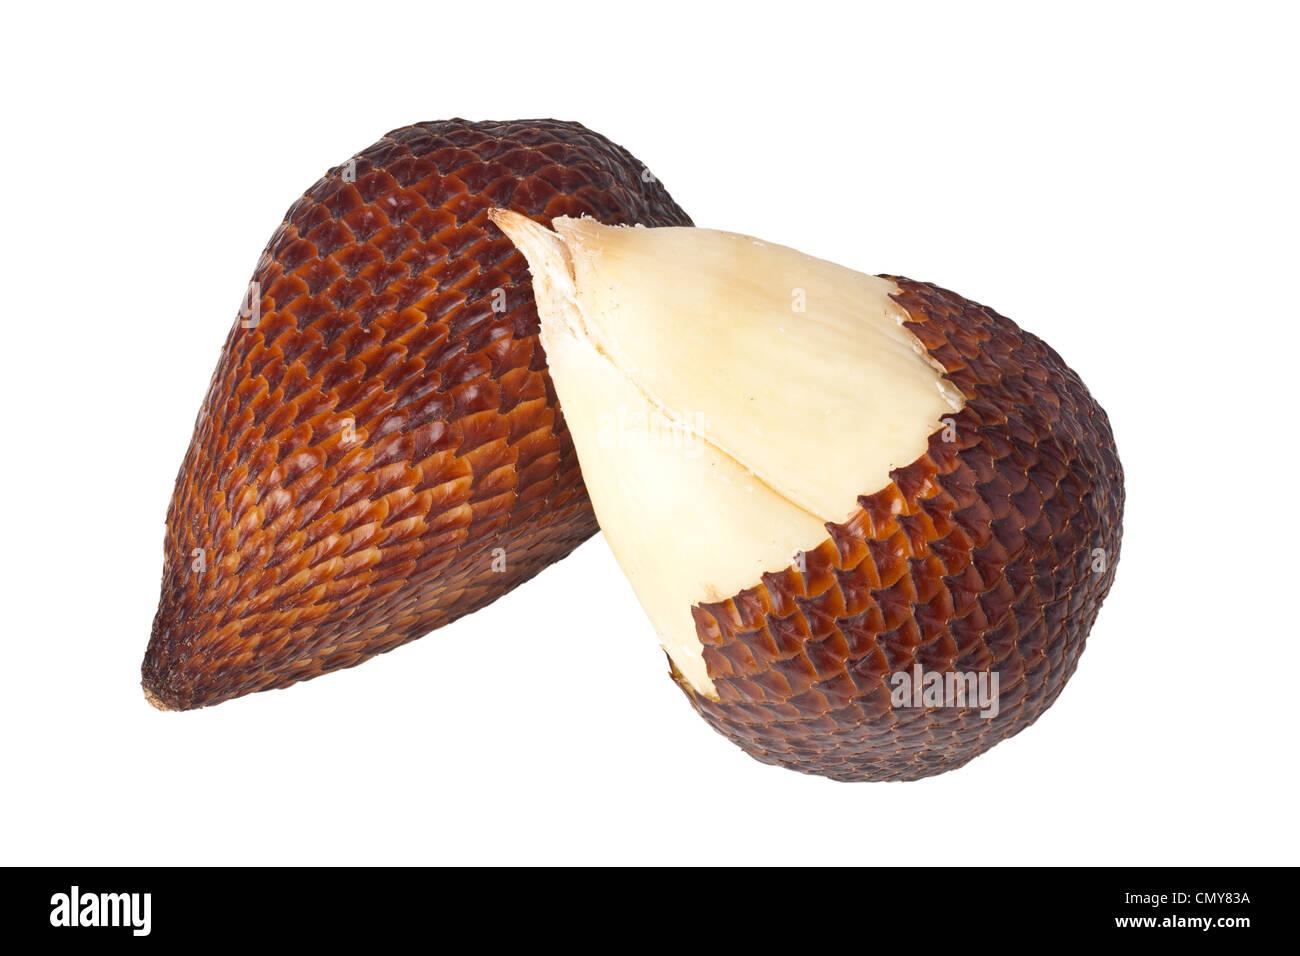 Whole and peeled salak fruits isolated on white background - Stock Image